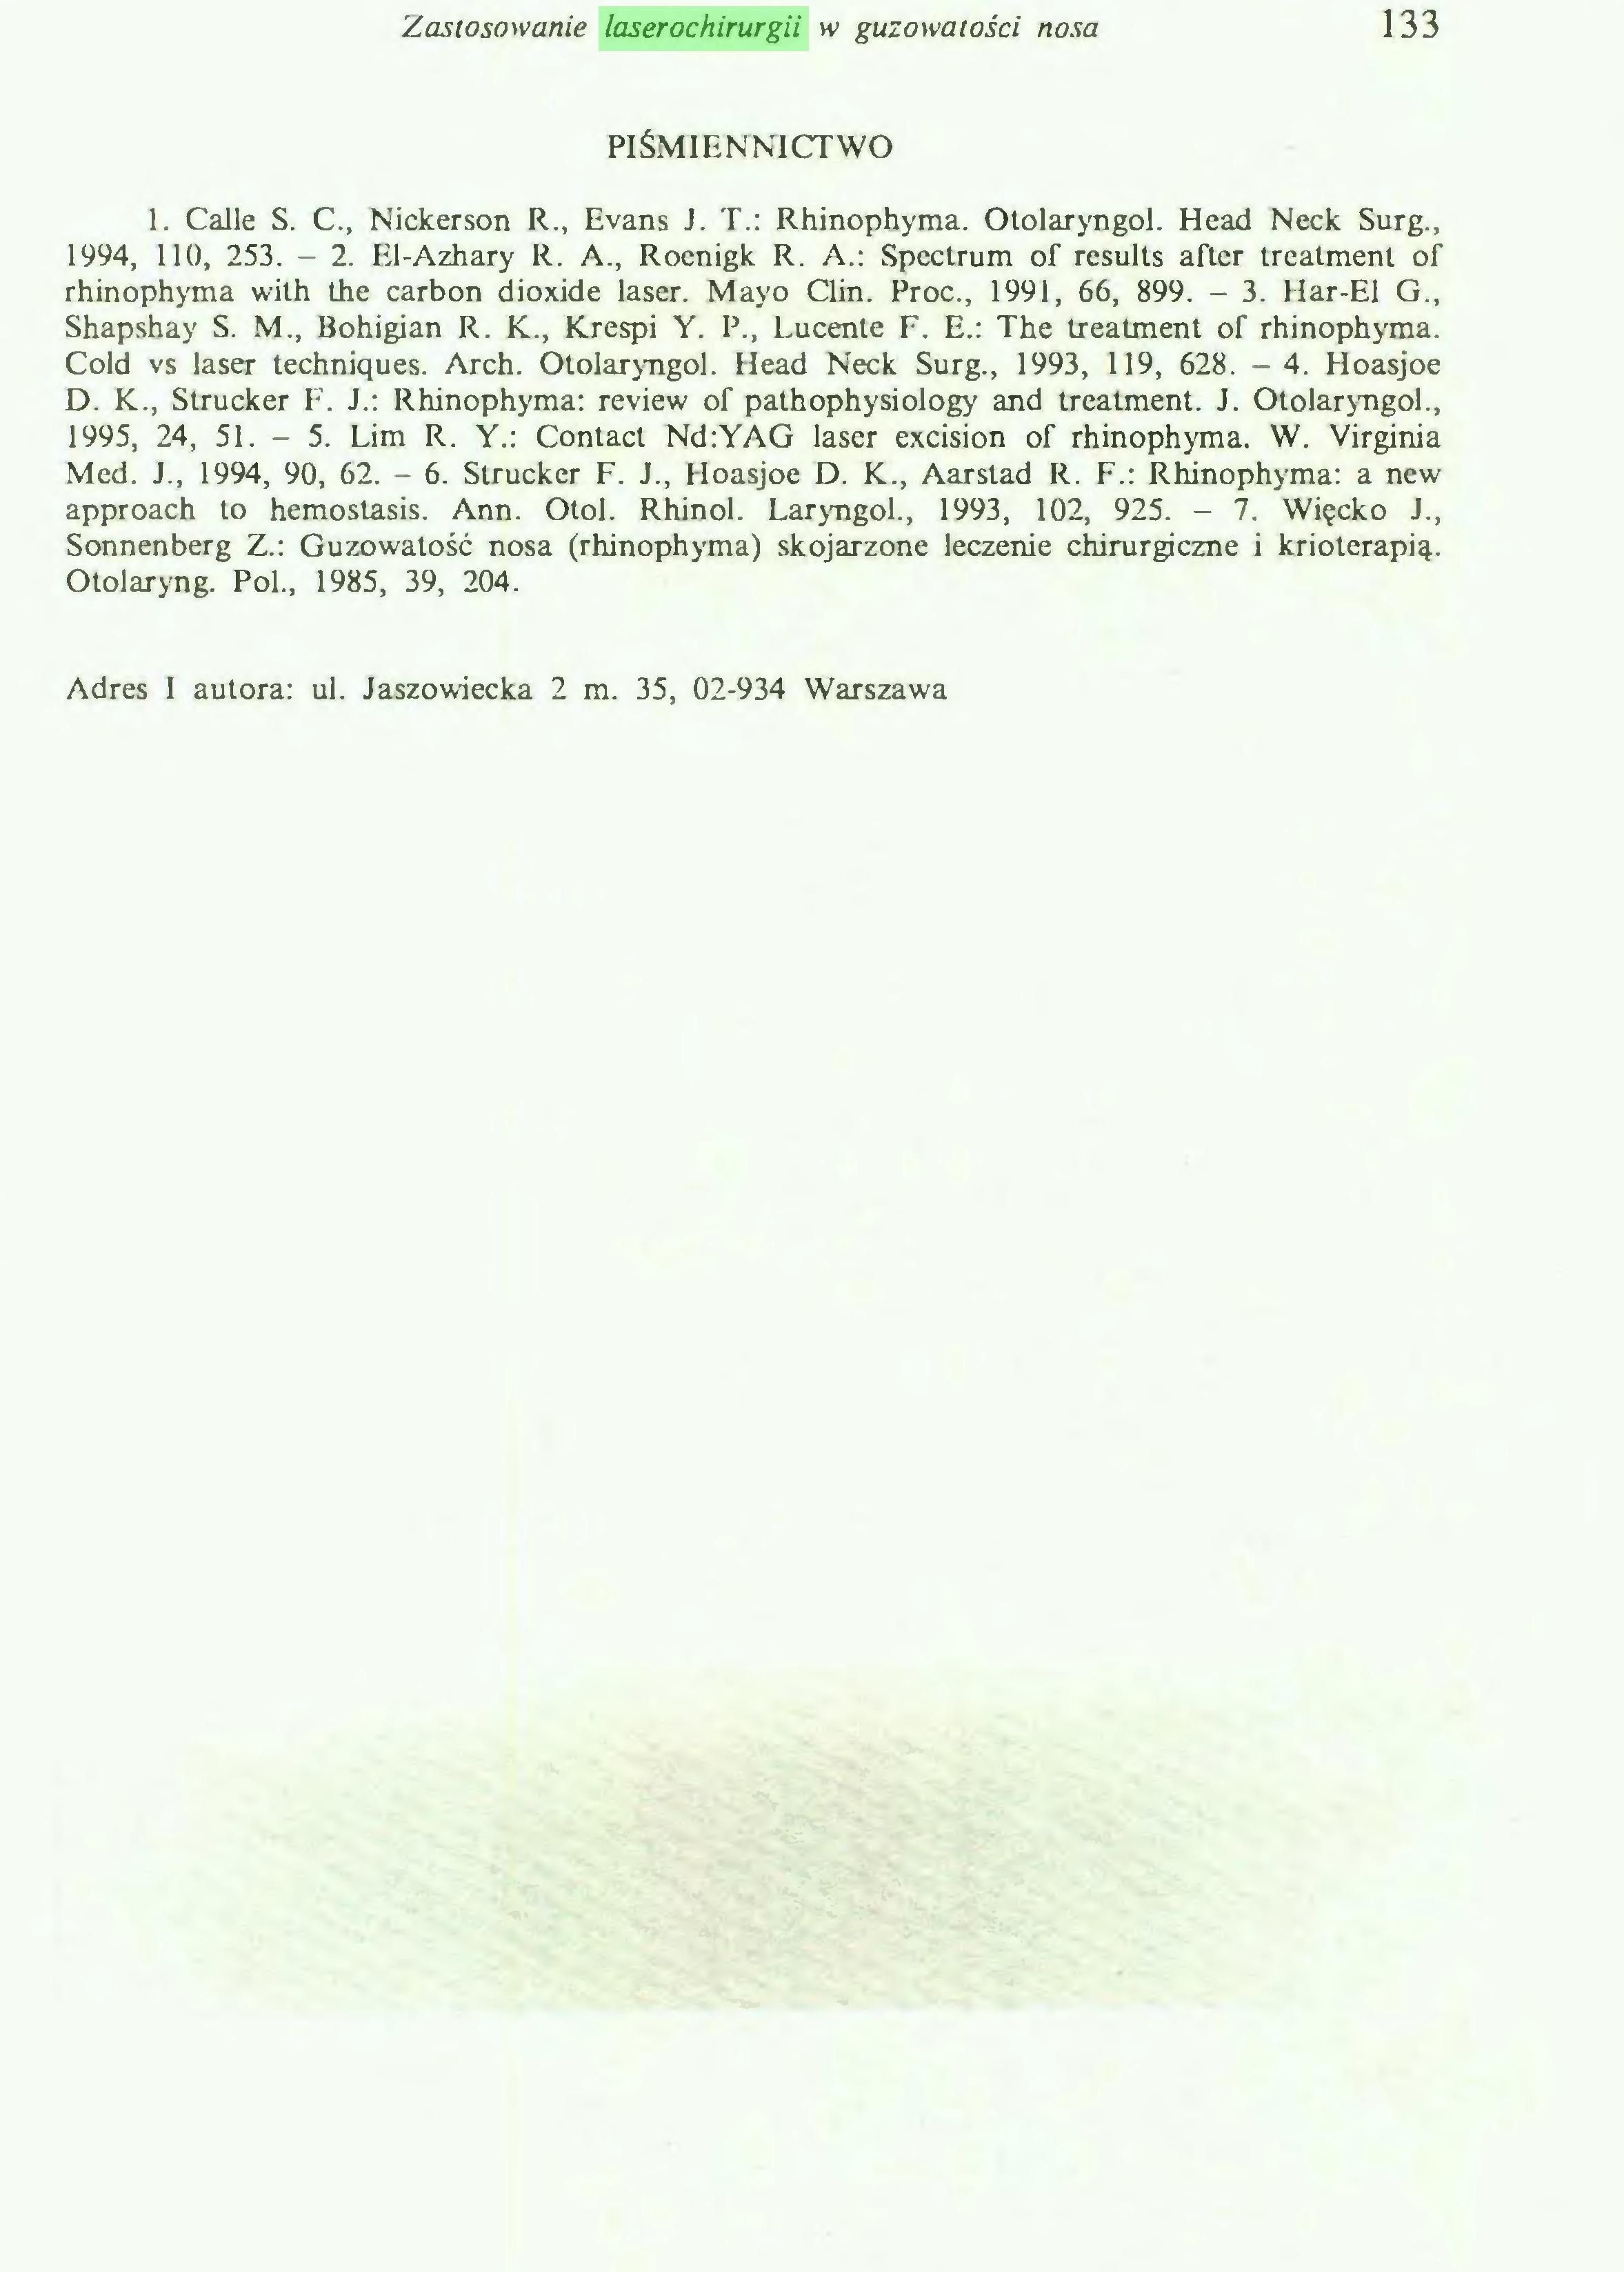 (...) nosa i zatok przynosowych. Red.: A. Krzeski i G. Janczewski, Sanmedia, Warszawa 1997.  95 LASEROCHIRURGIA W OTORYNOLARYNGOLOGII LASER SURGERY IN OTORHINOLARYNGOLOGY Janusza Kubiczkowa LASEROWA CHIRURGIA W ZAKRESIE ORL LASERS SURGERY IN OTOLARYNGOLOGY Z Kliniki Otolaryngologicznej Wojskowego Instytutu Medycyny Lotniczej w Warszawie Kierownik Kliniki: prof. dr hab. n. med. J. Kubiczkowa HASŁA INDEKSOWE: lasery, chirurgia, otolaryngologia KEY WORDS: lasers, otolaryngological surgery SUMMARY The paper presents contemporary methods of using different kinds of lasers for surgical interventions in otolaryngology. It contains data conceming the development of laser techniąues, the discussion of laser radiation and classification of different types of lasers. Basing on the authors' persona! experience and the literaturę, the review of indications and contraindications for otolaryngological laser treatment has been madę and the best kind of laser has been chosen. The risk factors of laser treatment, both for patients and for medical staff including various complications is stressed. Moreover, early and distant treatment results are presented as well as the advantages of using laser beam and adverse efTects. The problems of applying laser treatment in anaesthesiology are discussed. Laser jest skrótem od pierwszych liter angielskiego określenia - light amplification by stimulated emission of radiation (wzmocnienie światła przez pobudzoną emisję promieniowania). Podstawy teoretyczne związane z odkryciem emisji wymuszonej stworzył Albert Einstein już w roku 1917, jednakże pierwsze uruchomienie lasera nastąpiło dopiero w 1960 r. Z upływem czasu, w wyniku prac doświadczalnych i klinicznych prowadzonych przez wielu badaczy na zwierzętach, bądź na tkankach lub narządach pobranych ze zwłok ludzkich, możliwości wykorzystania promienia lasera dynamicznie wzrastały. Spośród wielu badaczy, których prace przyczyniły się do wprowadzenia promieniowania laserowego do chirurgii w zakresi